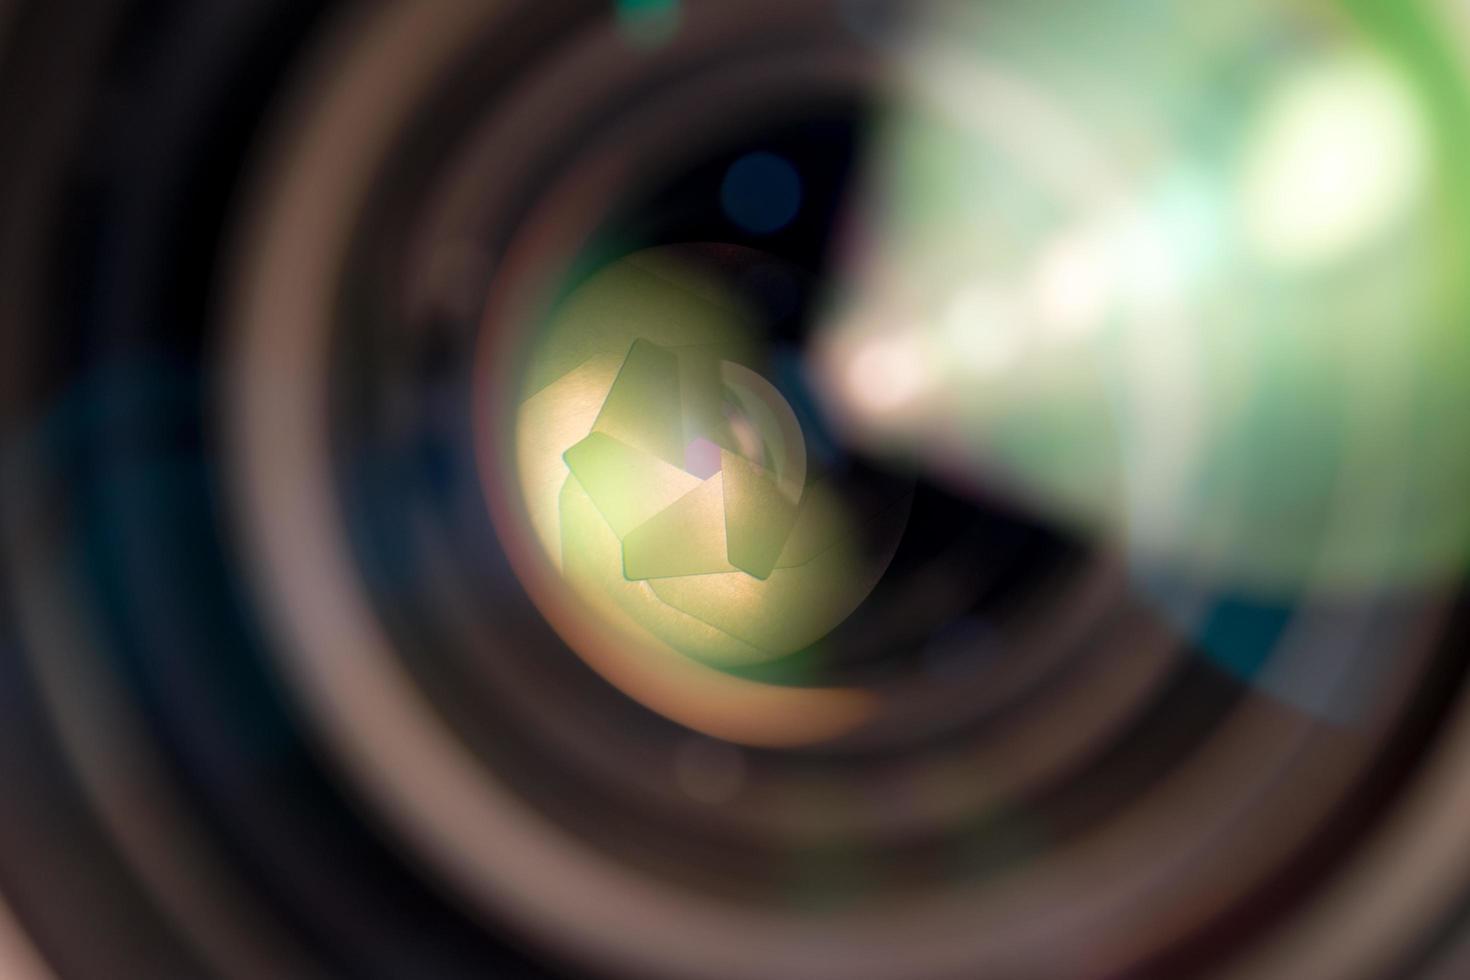 närbild av en kameralins foto